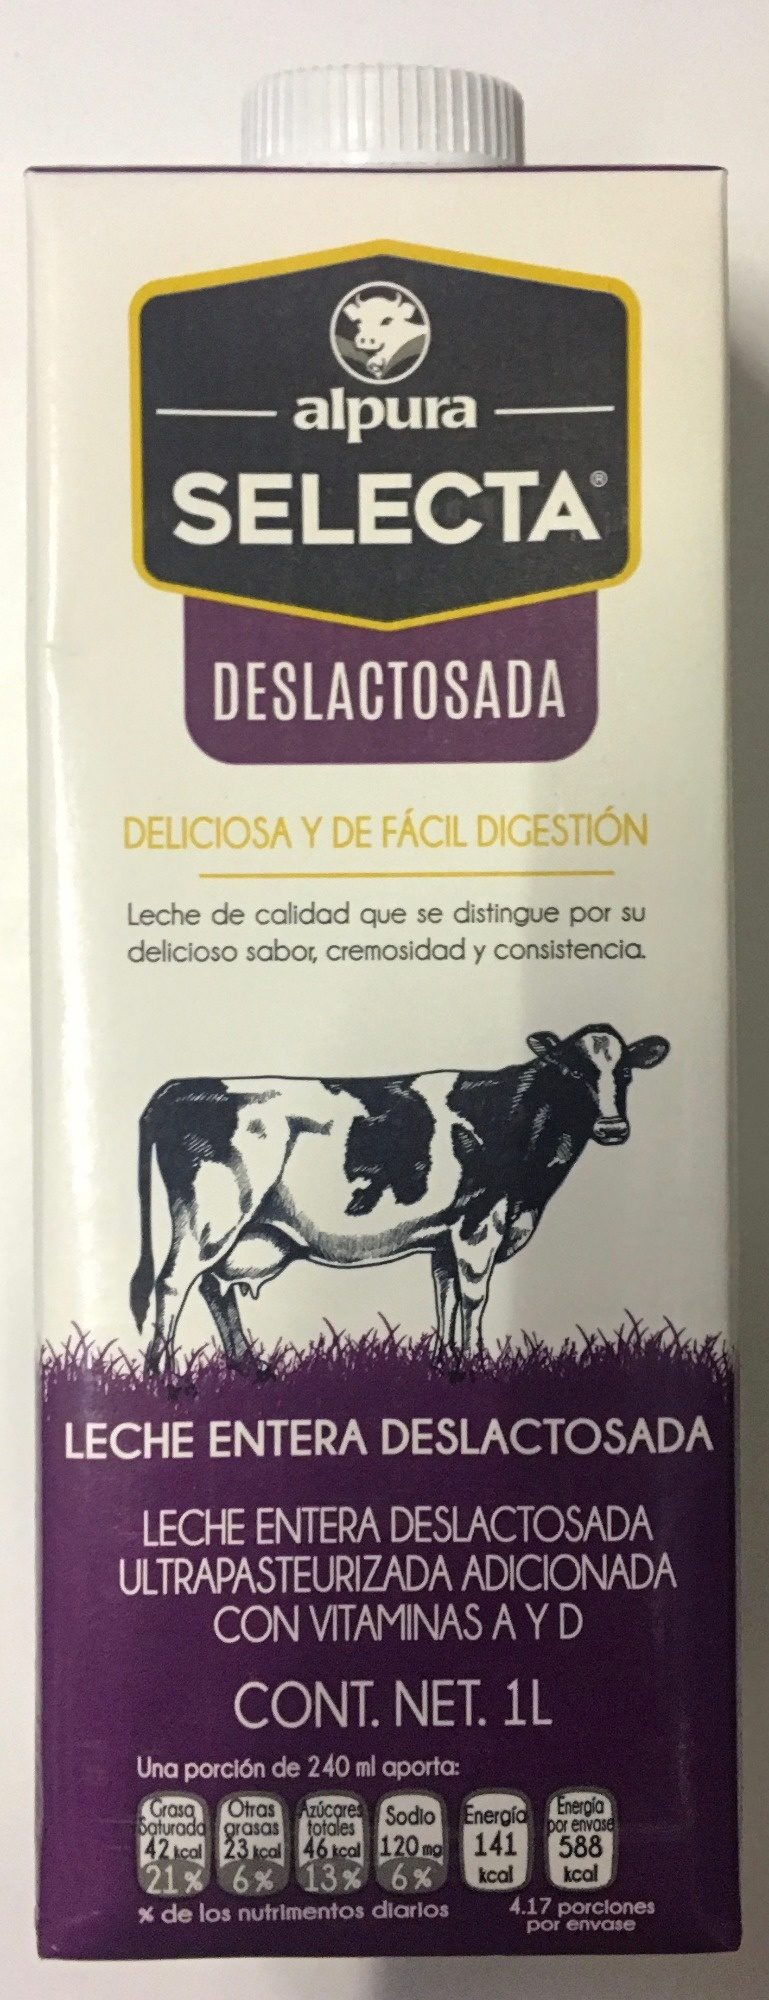 Alpura Selecta Deslactosada - Prodotto - es